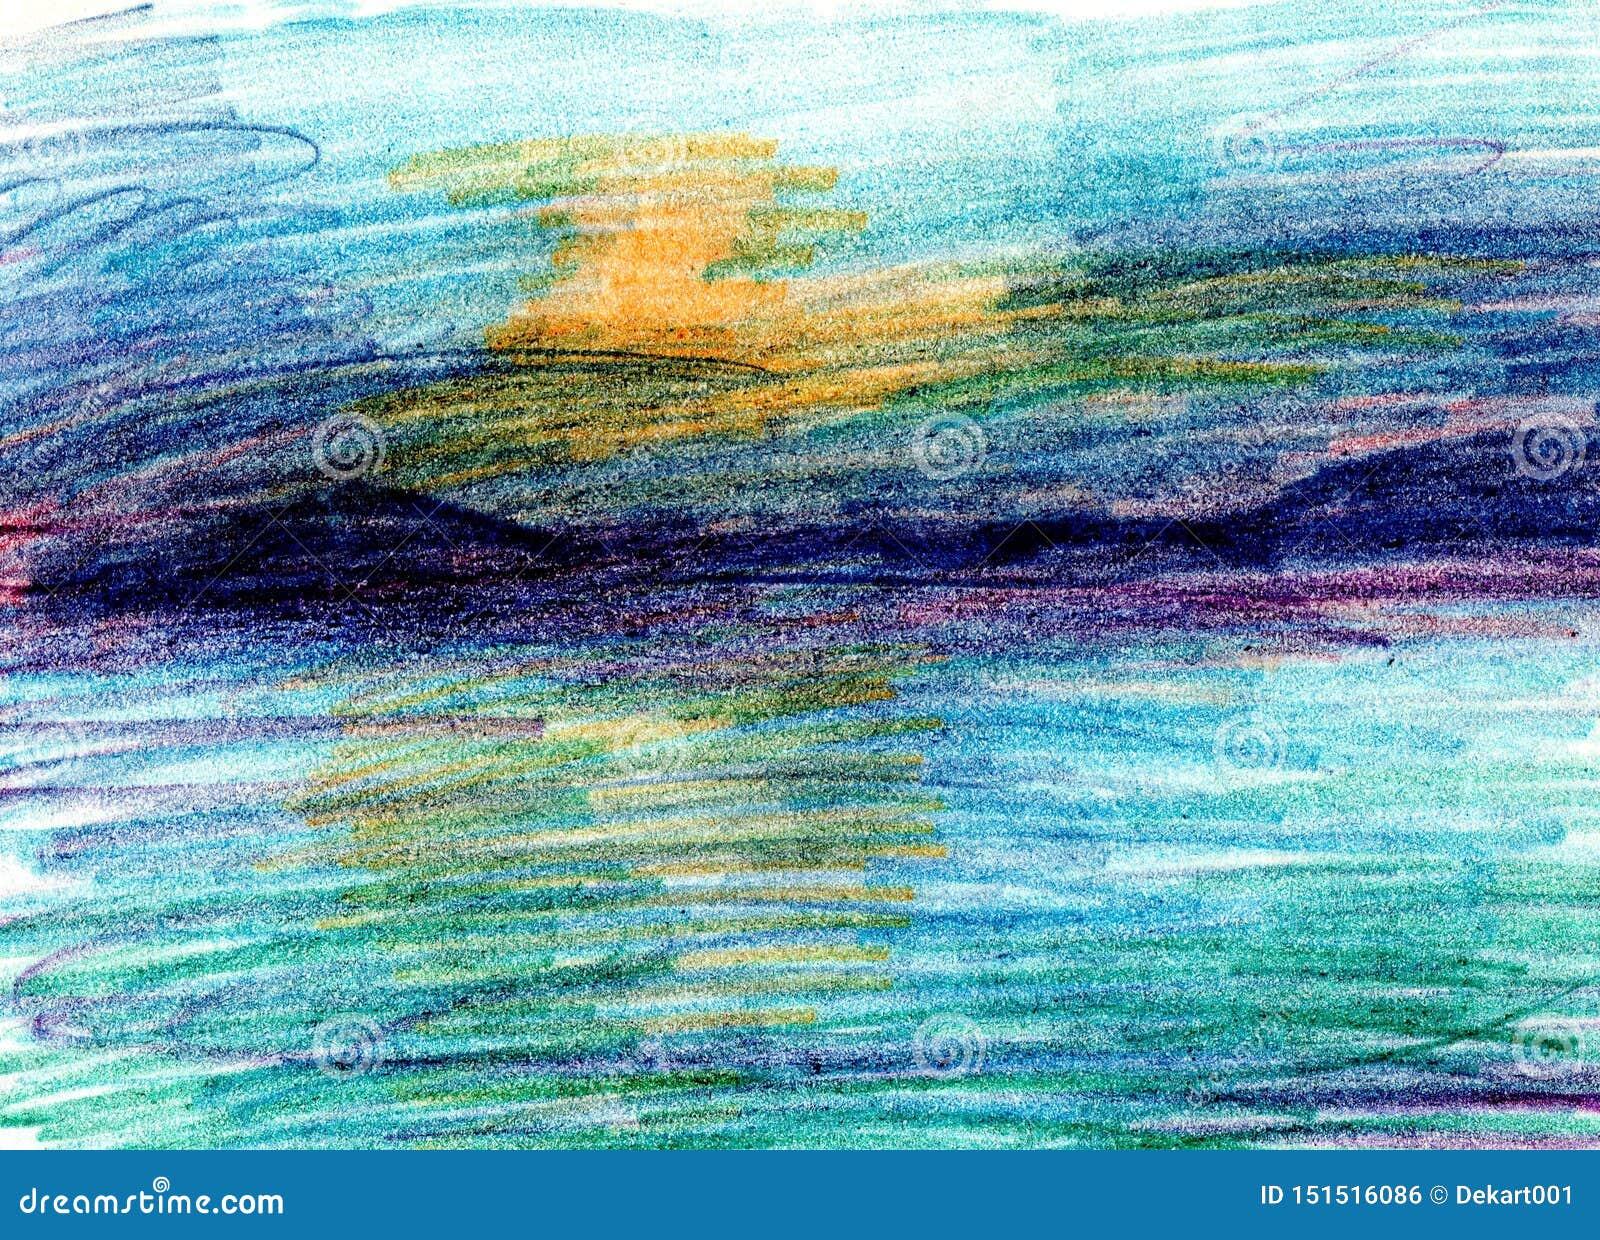 Paysage De Mer Cote De Mer Plage Les Beaux Crayons De Couleur Remettent L Illustration De Peinture Photo Stock Image Du Crayons Paysage 151516086